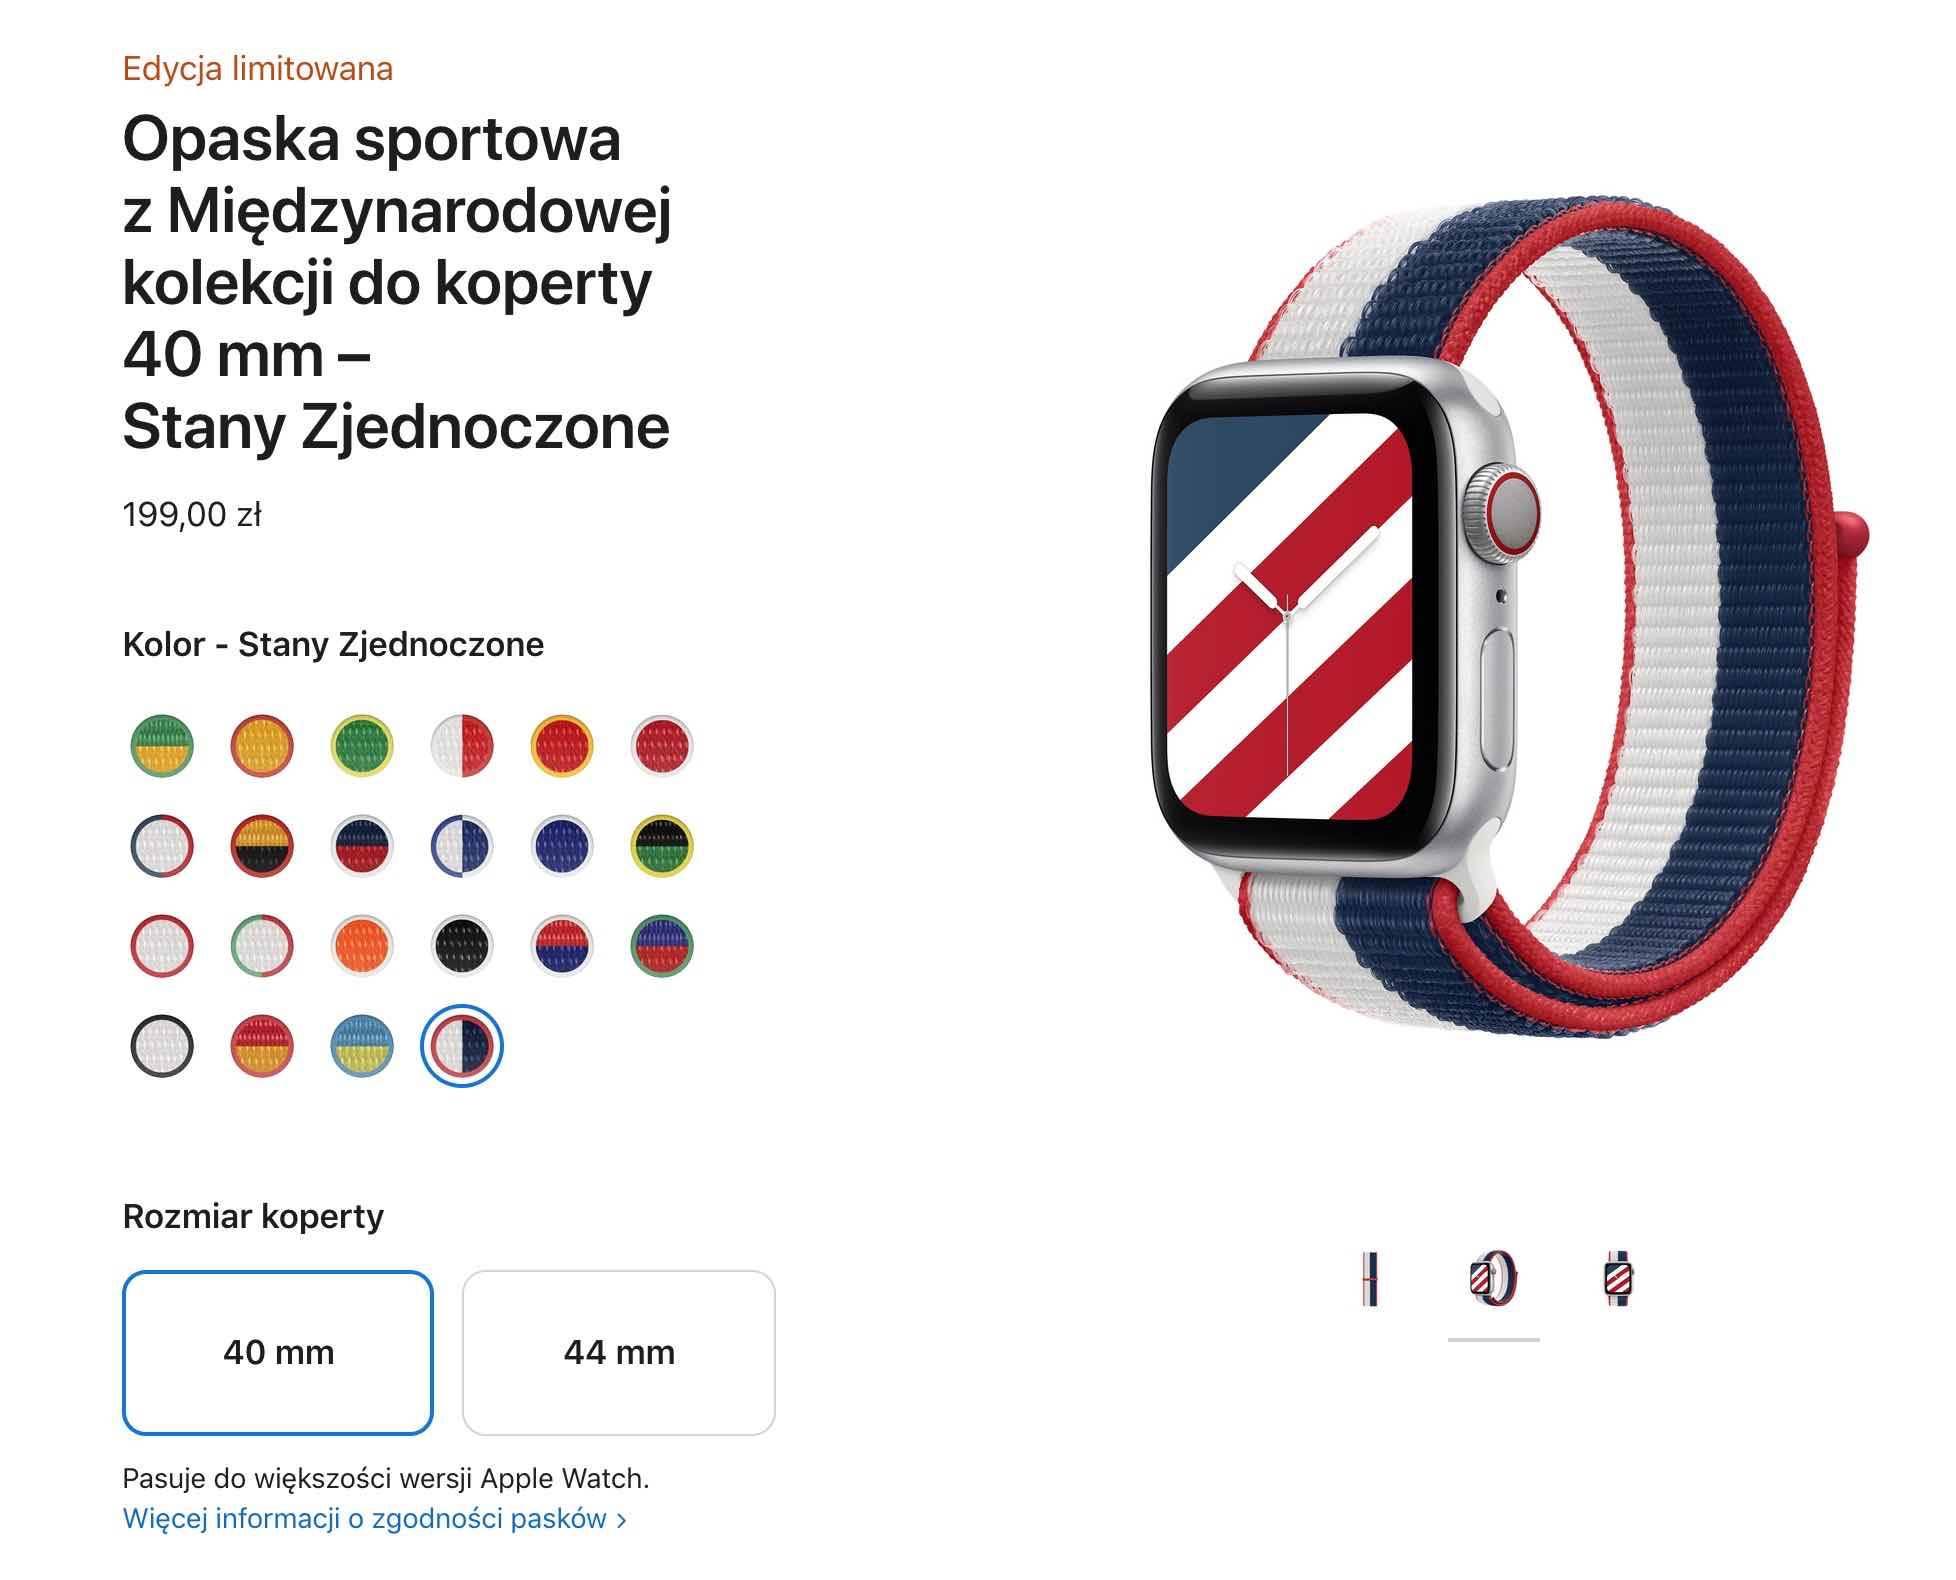 Apple wprowadza paski i tarcze inspirowane flagami polecane, ciekawostki międzynarodowe paski, Apple Watch  Dzisiaj, 29 czerwca, Apple zaprezentowało limitowaną edycję pasków dla Apple Watch, aby uczcić rychły początek Letnich Igrzysk Olimpijskich w Tokio. Opaska 1